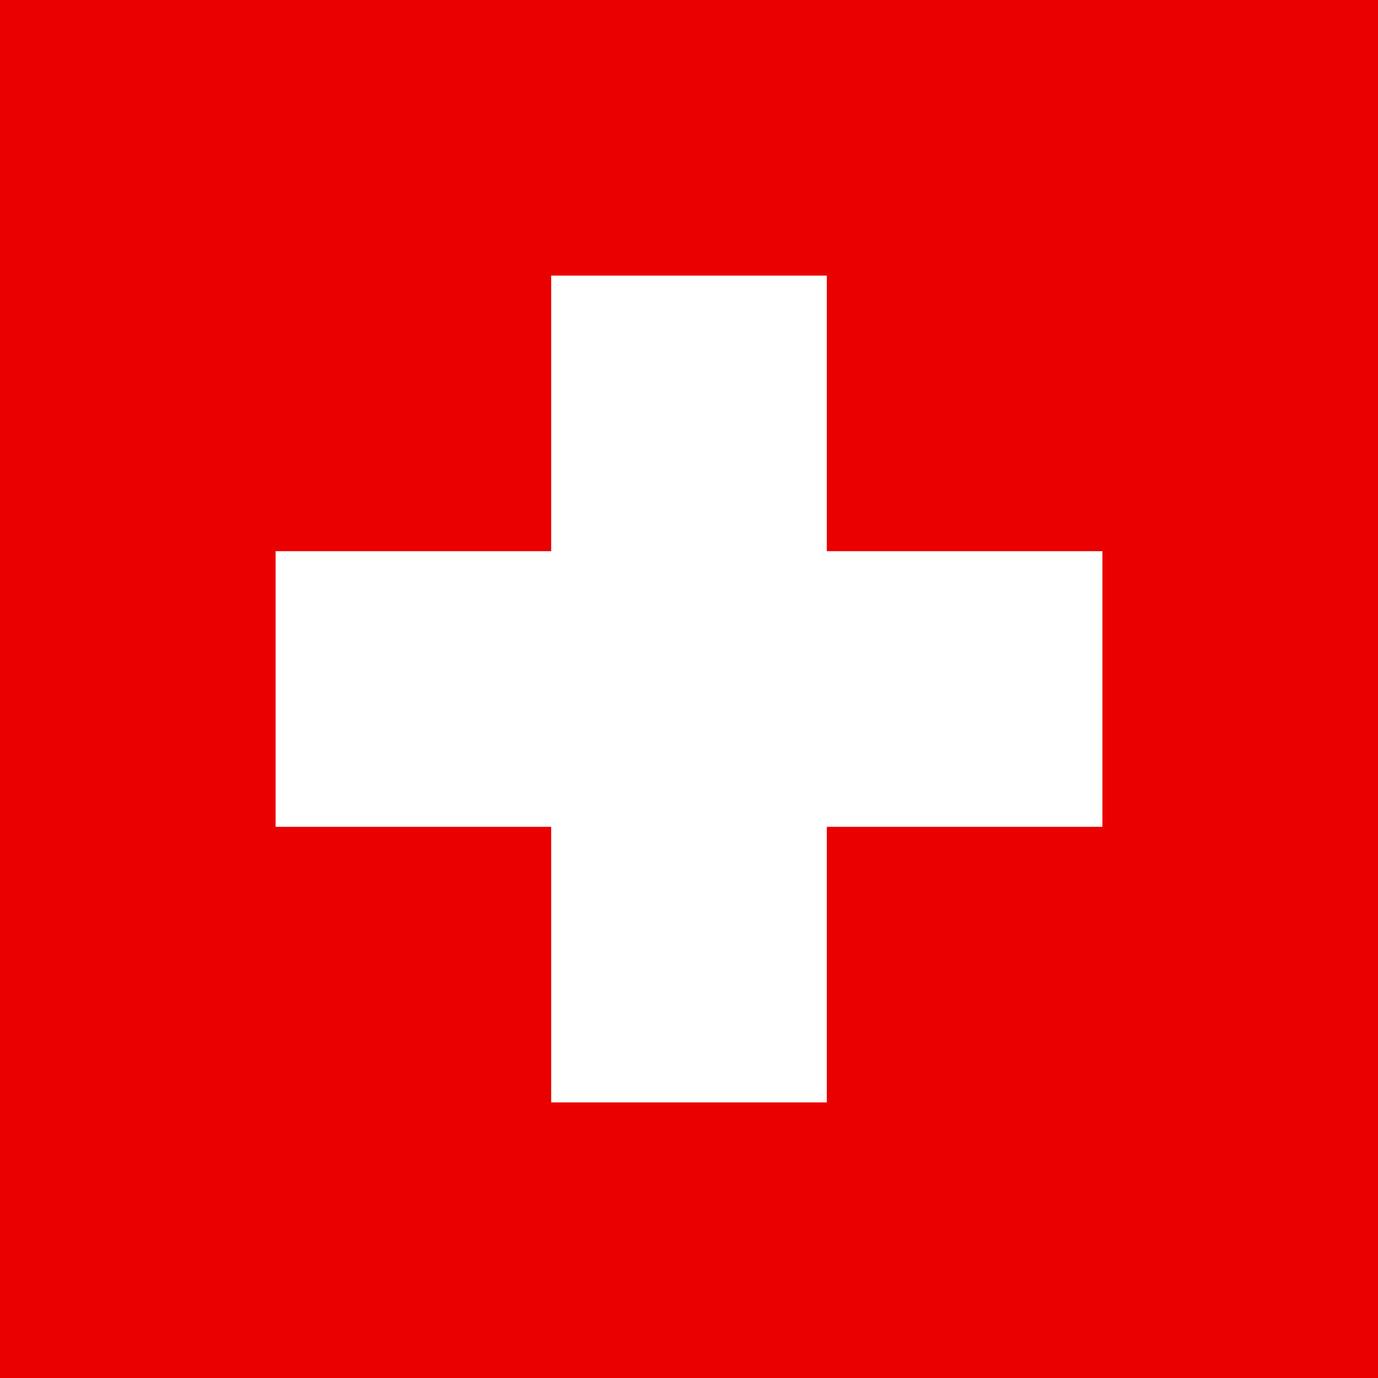 Gehörschutz Hörschutz Hörgeräte Hörtest Basel